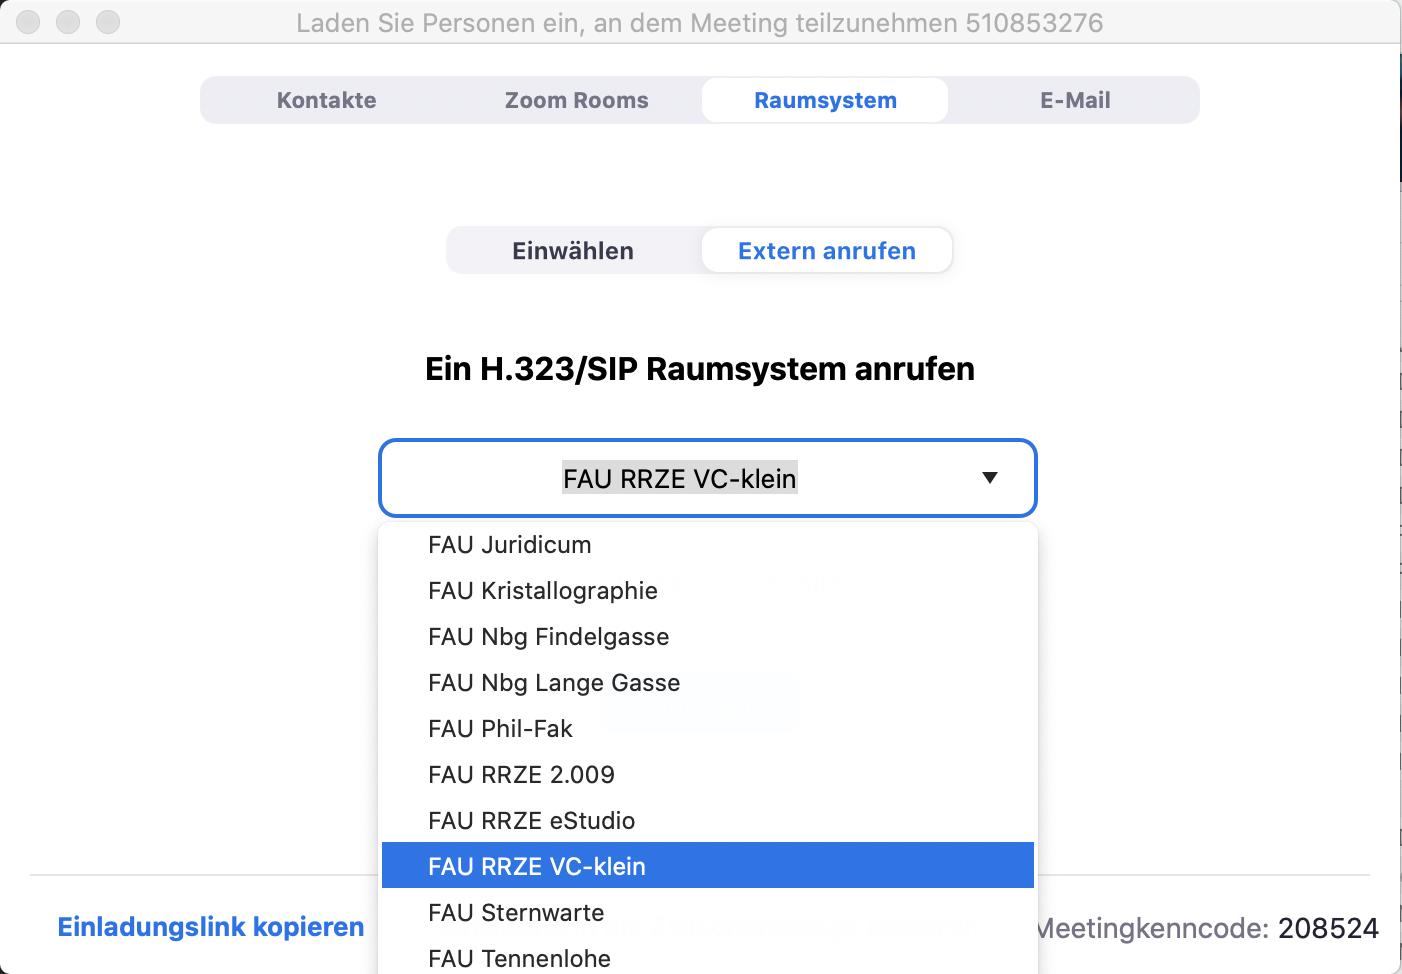 """""""FAU RRZE VC-klein"""" auswählen"""